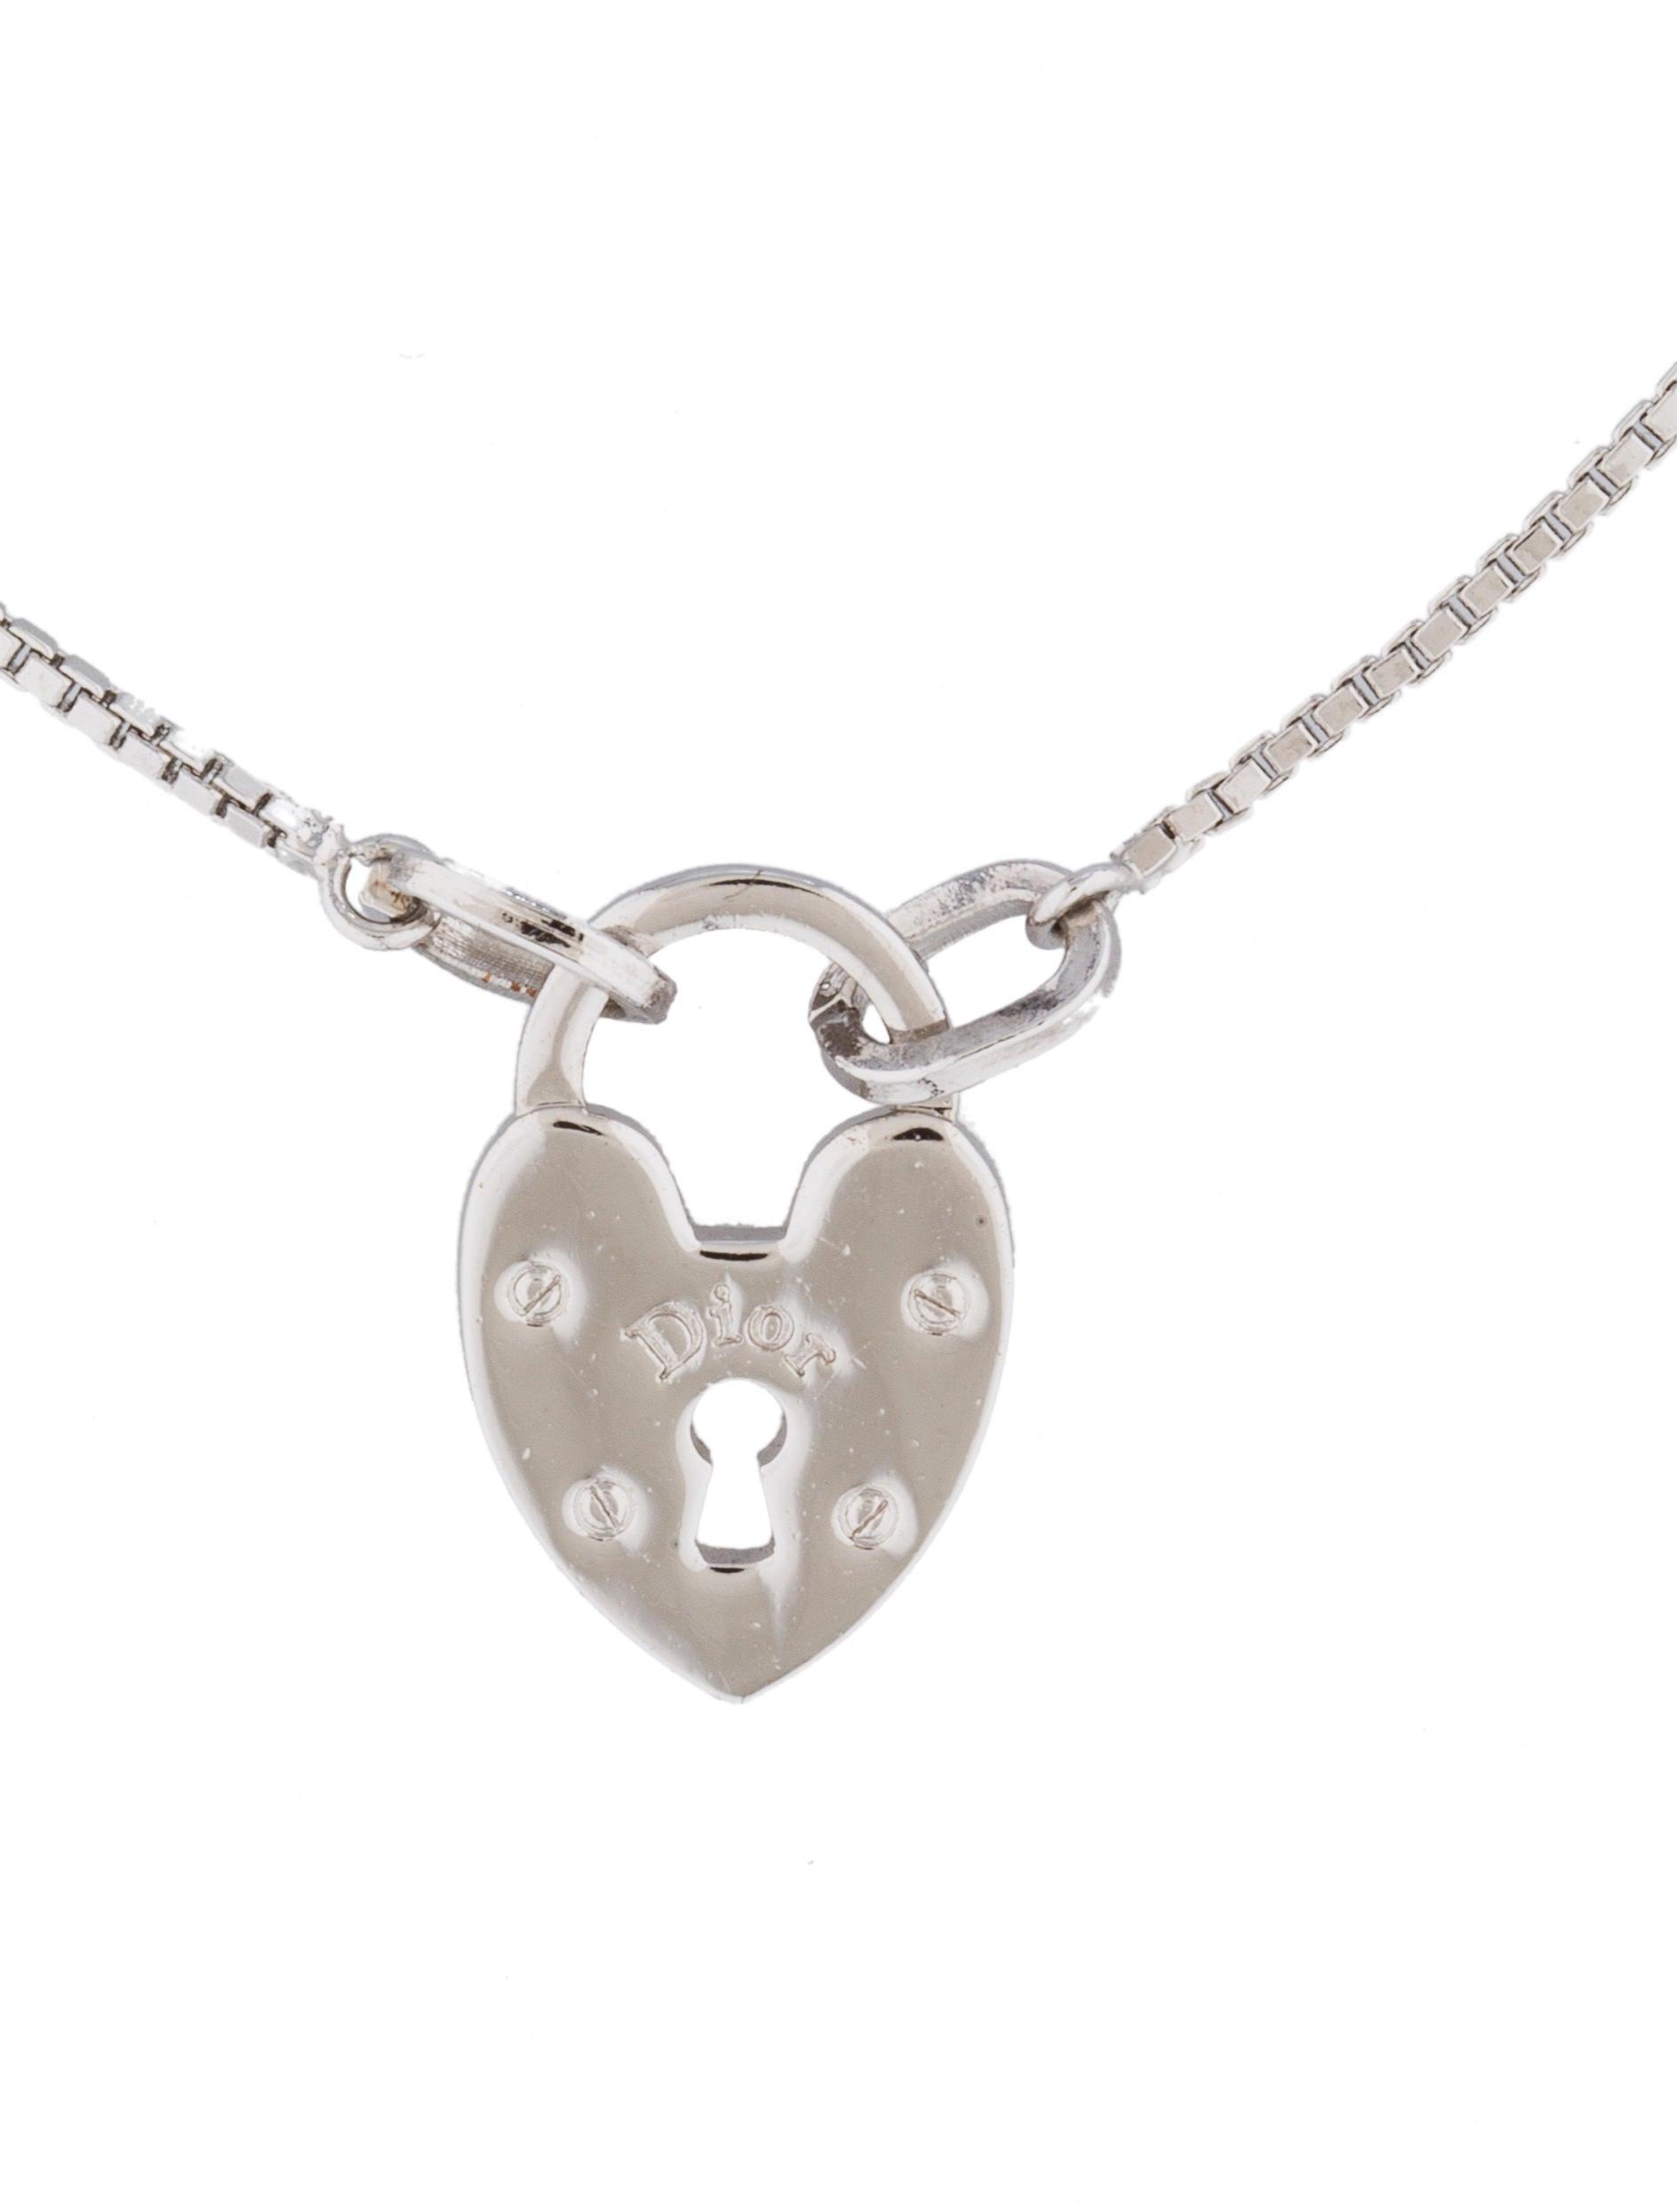 Christian Dior Heart Lock Charm Bracelet Bracelets CHR